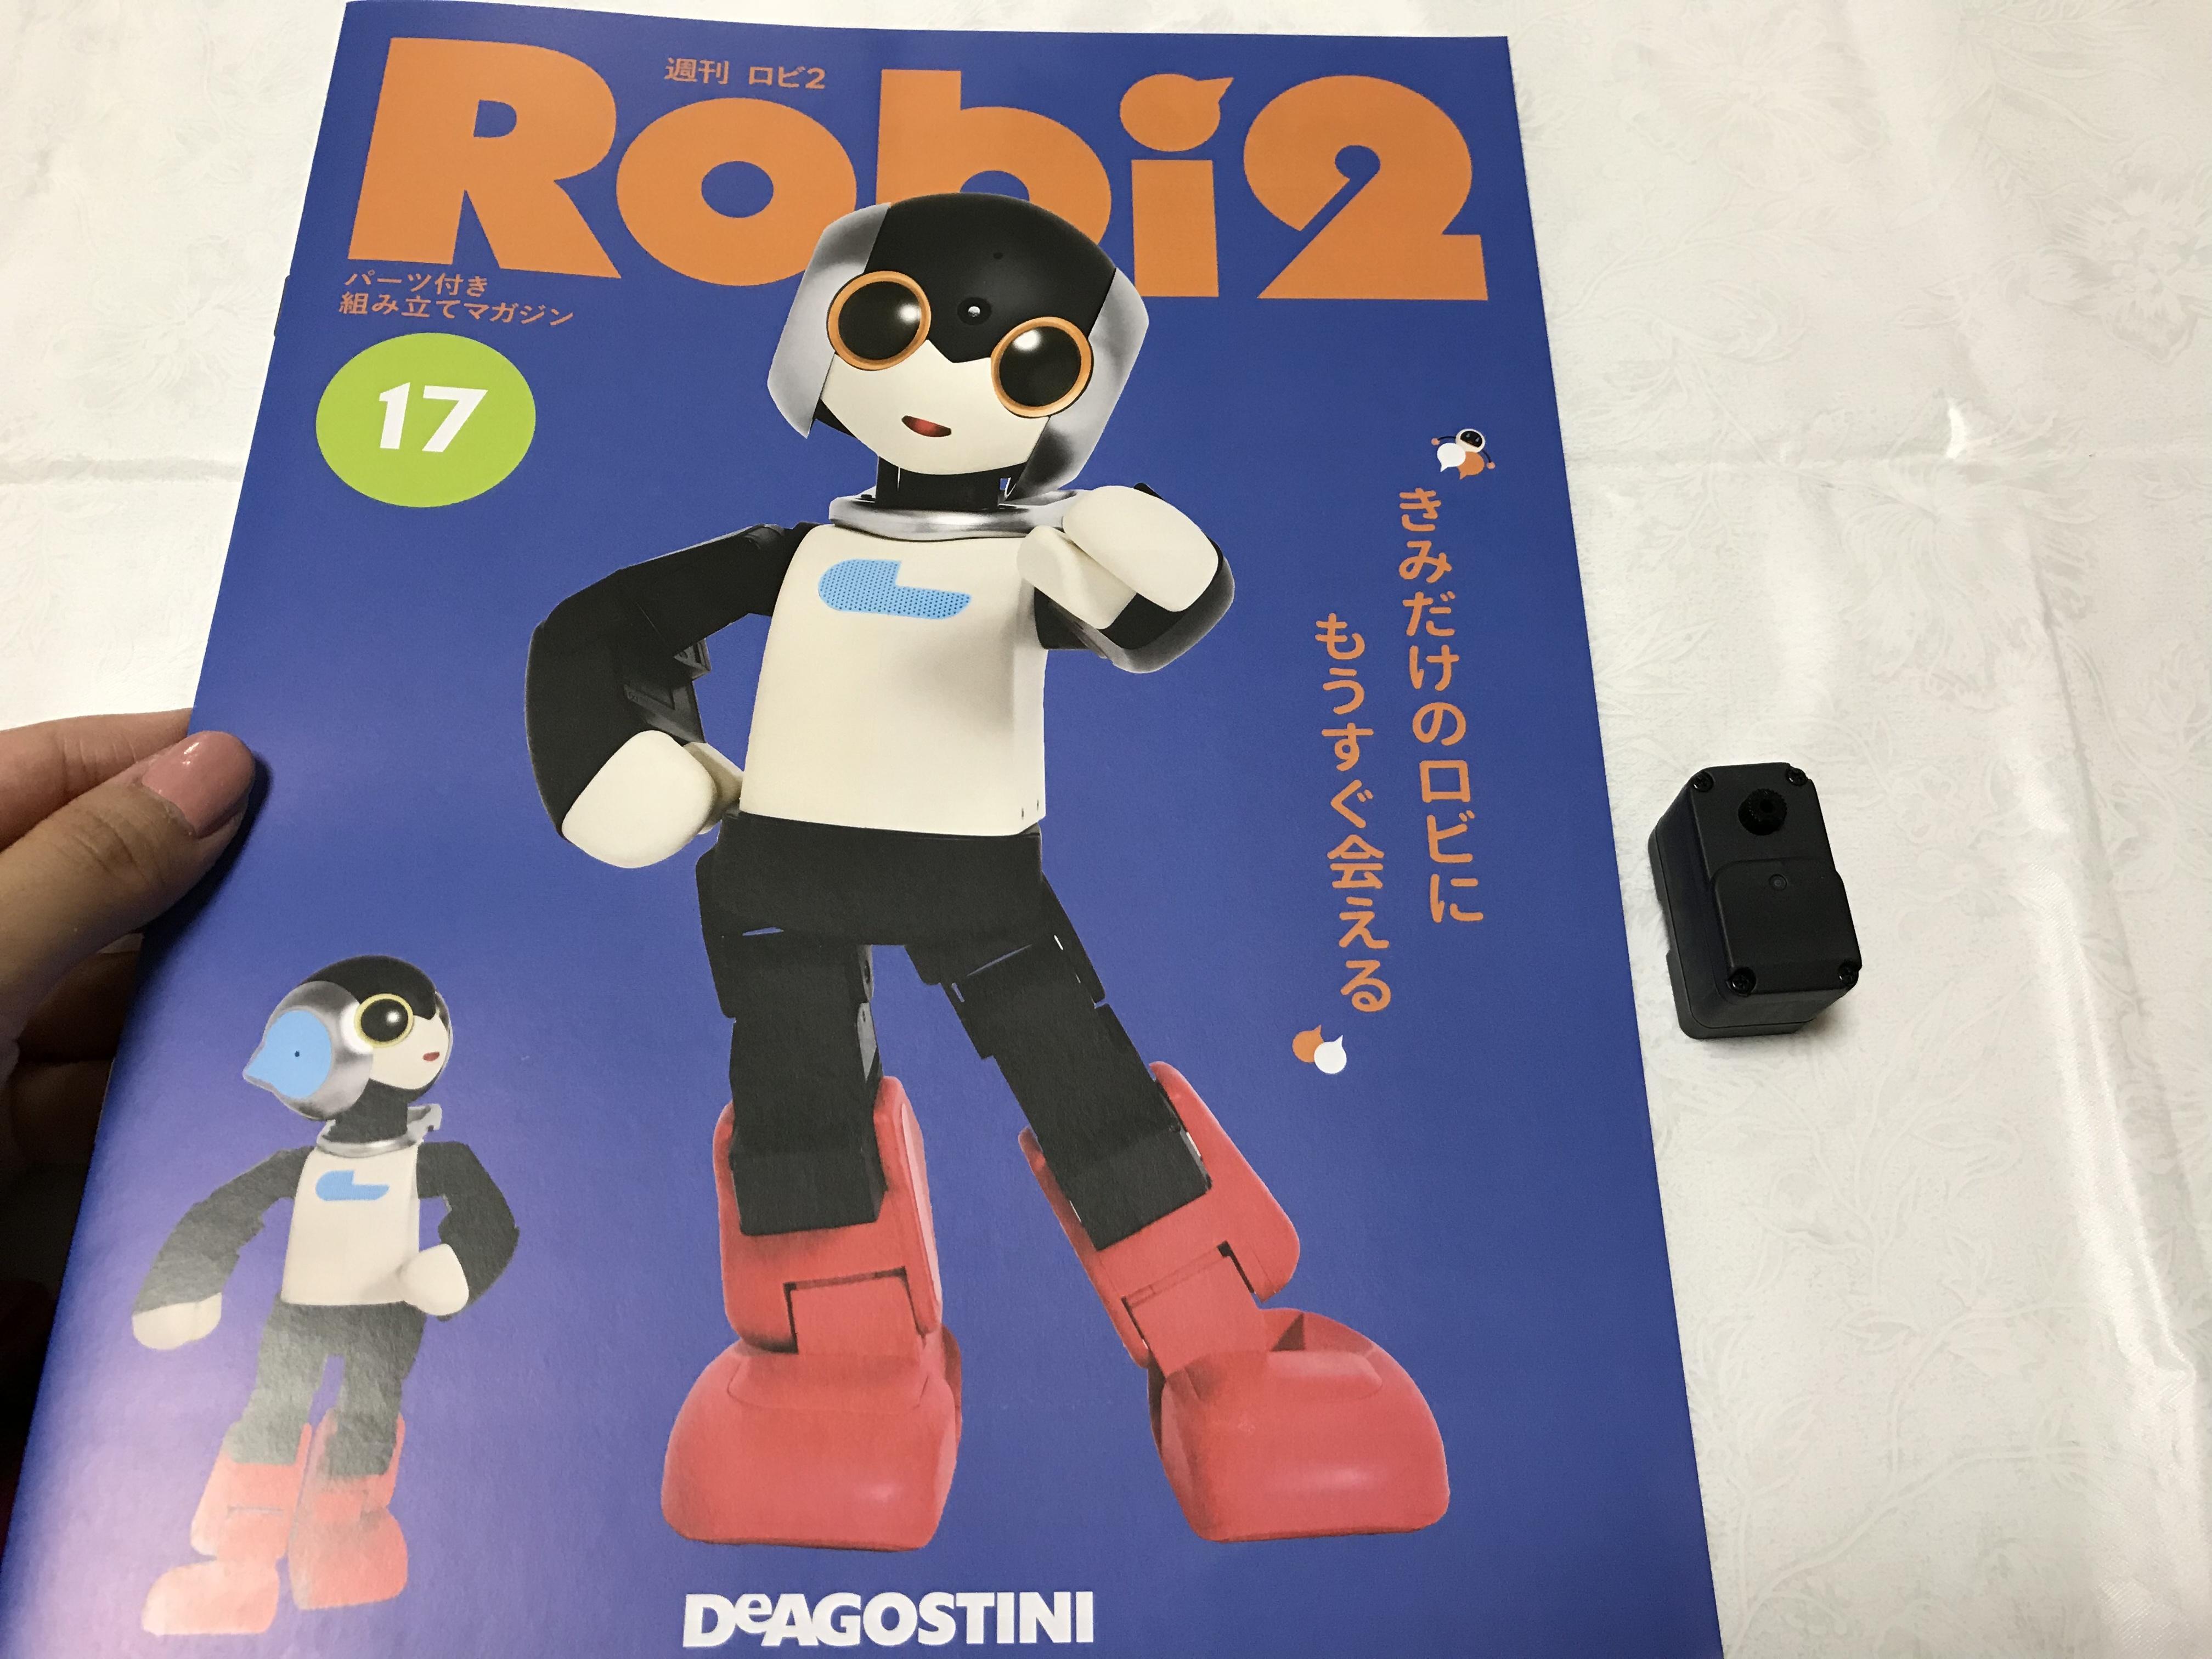 ロビ2 17号1